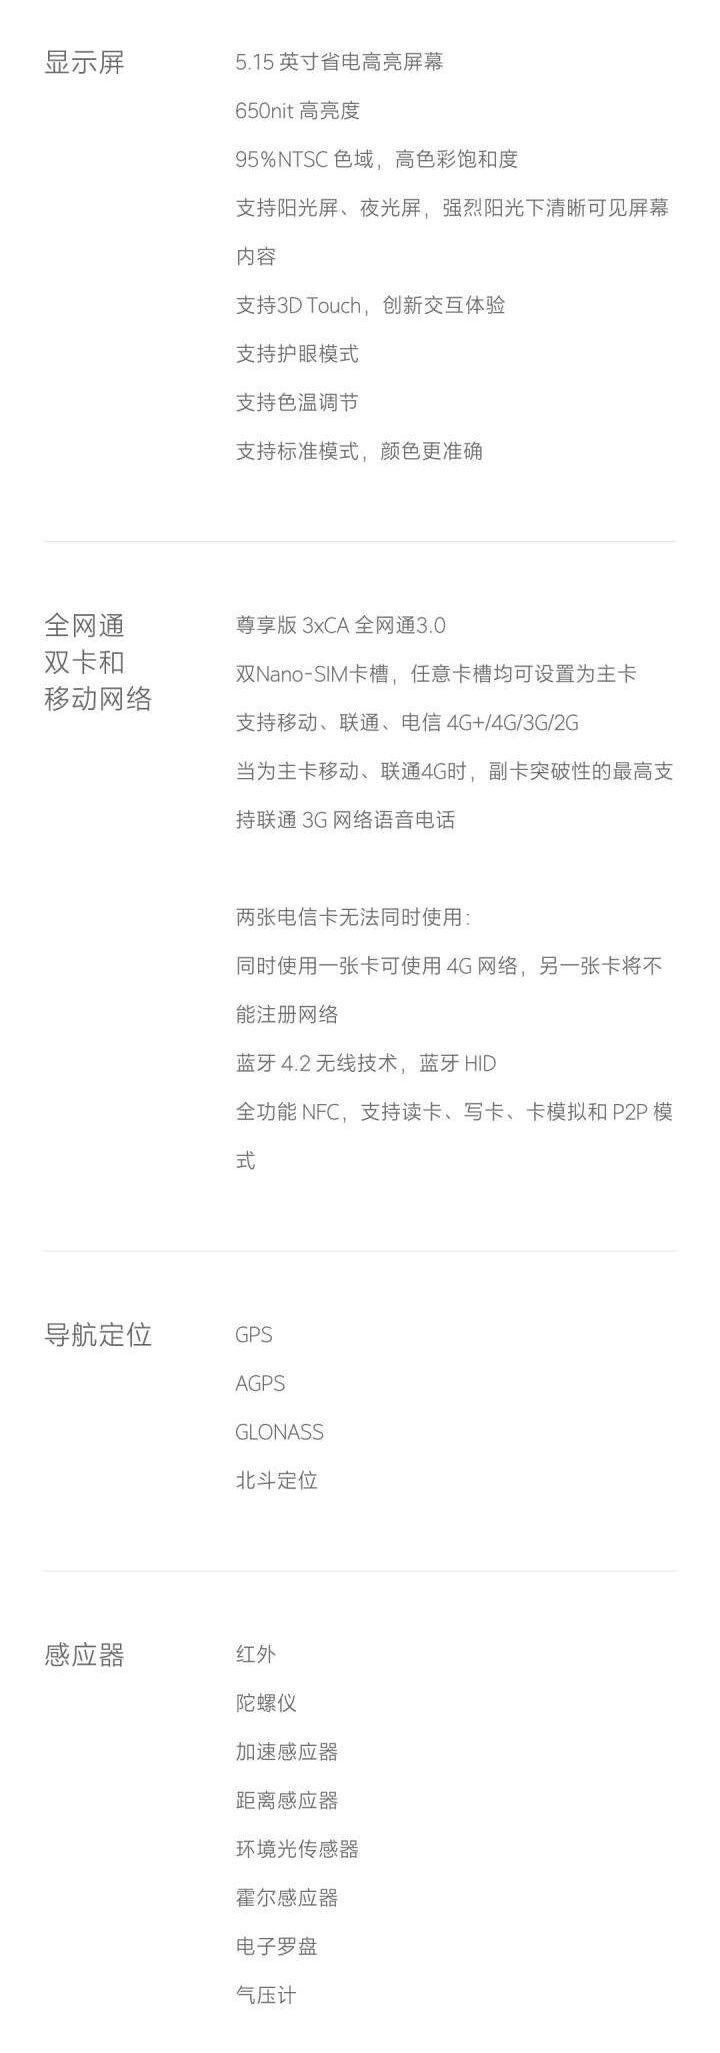 AndroidKosmos | Xiaomi Mi5s technische Daten und erste Bilder - Vorstellung am 27. September 12